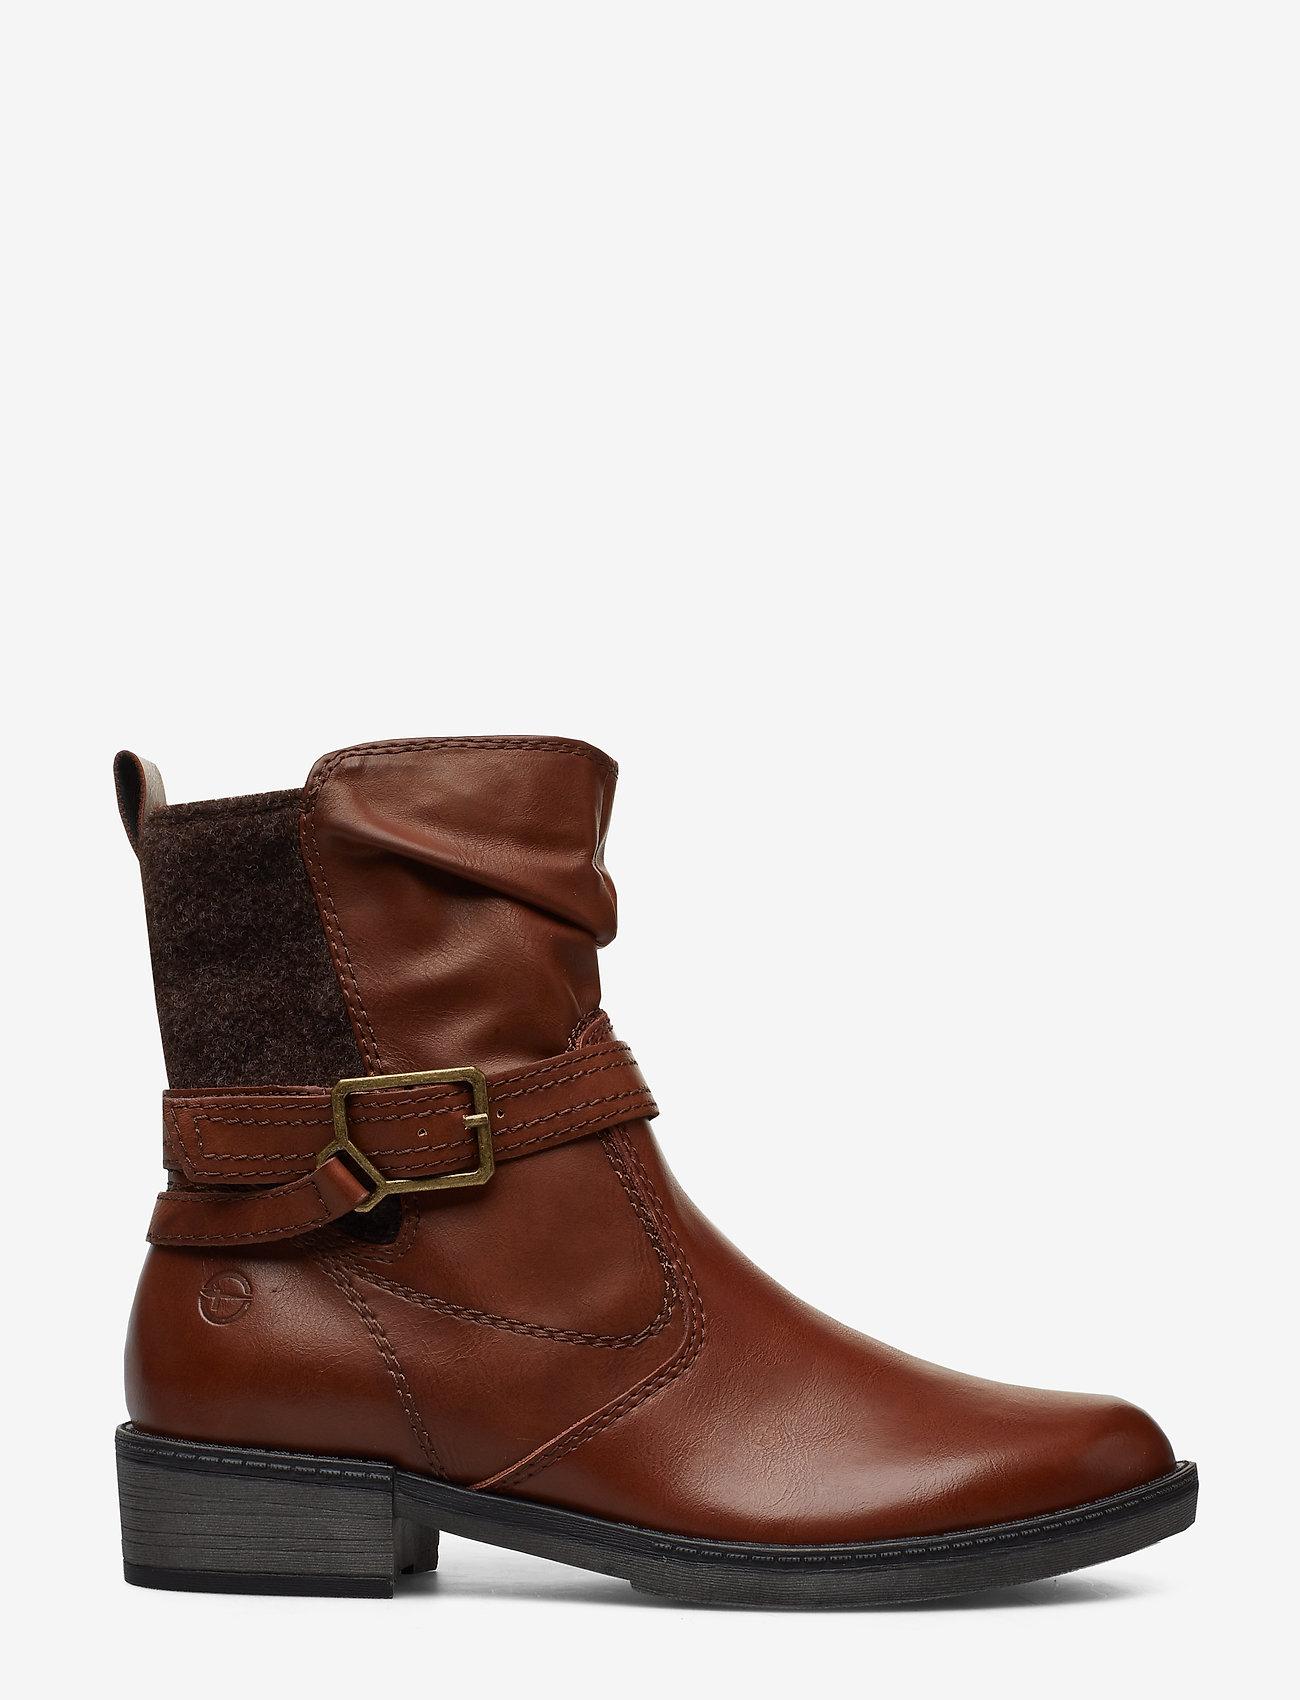 Tamaris - Boots - flate ankelstøvletter - cognac - 1